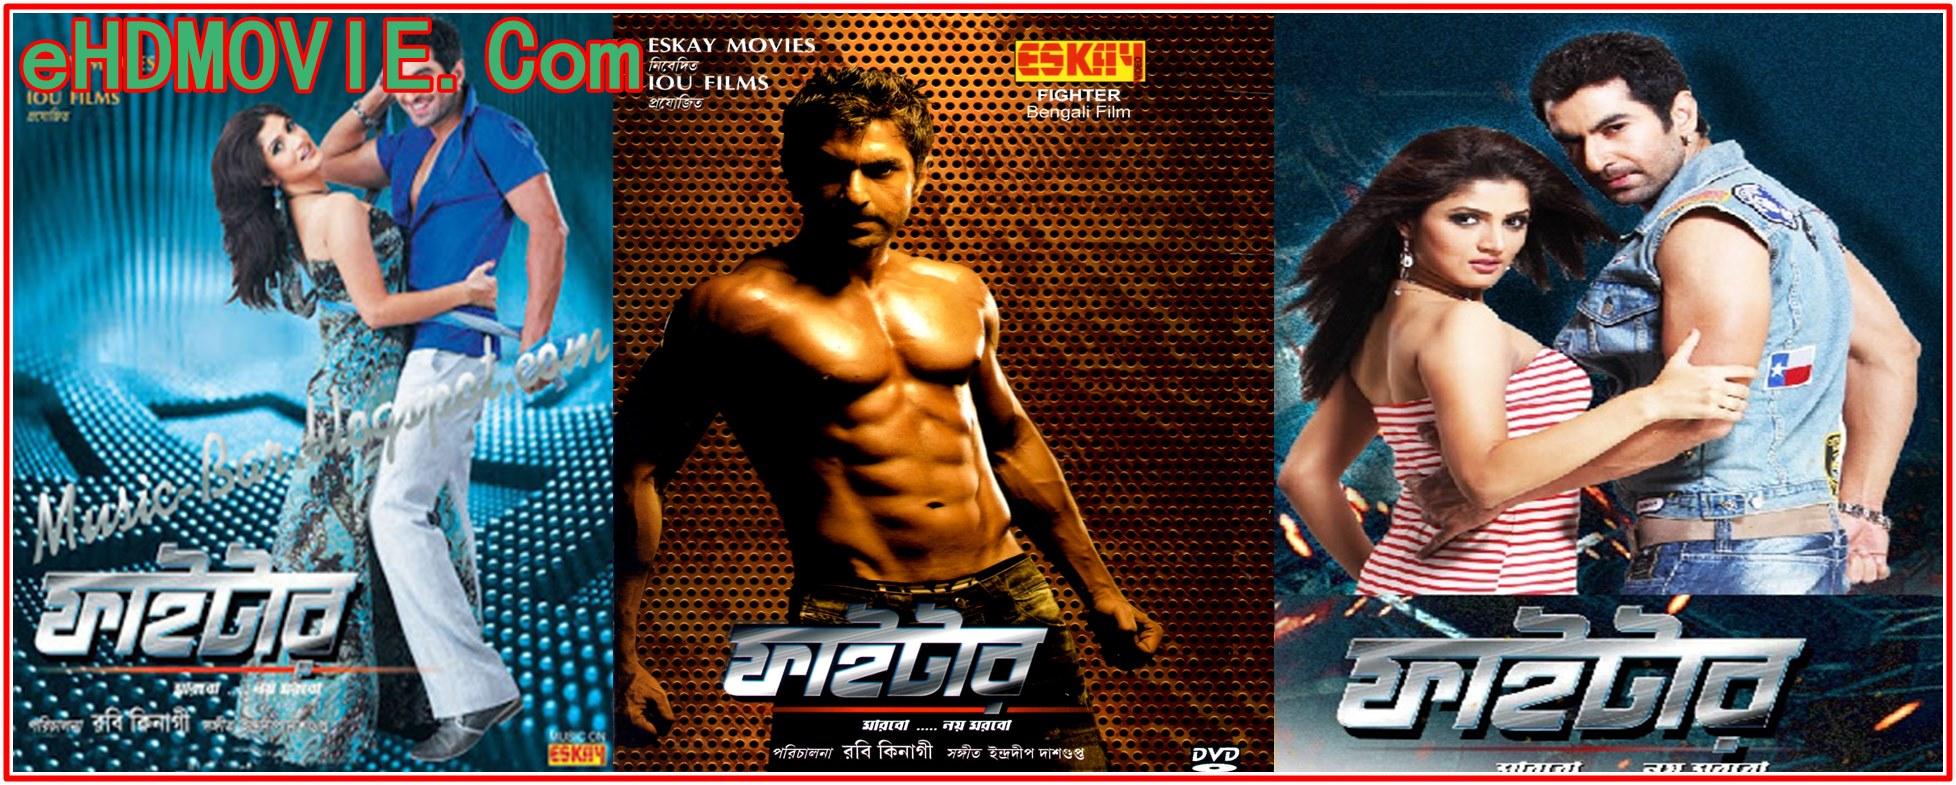 Fighter 2011 Bengali Full Movie Original 480p - 720p ORG HDTV-Rip 650MB - 1GB